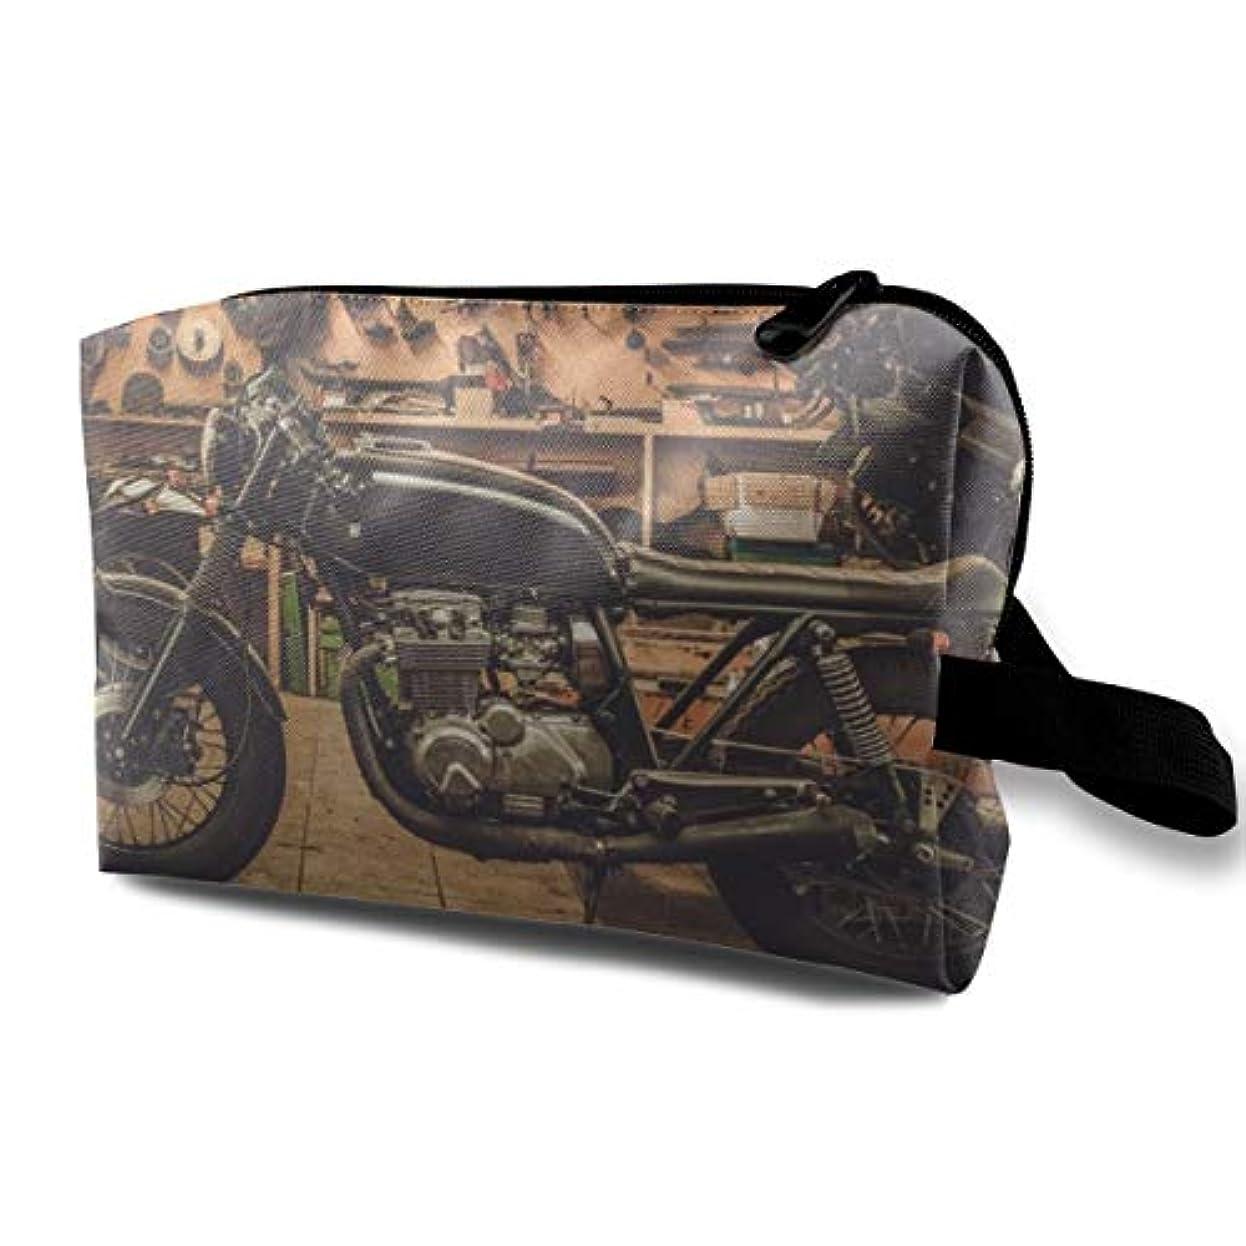 無線派手追うVintage Style Cafe-racer Motorcycle 収納ポーチ 化粧ポーチ 大容量 軽量 耐久性 ハンドル付持ち運び便利。入れ 自宅?出張?旅行?アウトドア撮影などに対応。メンズ レディース トラベルグッズ